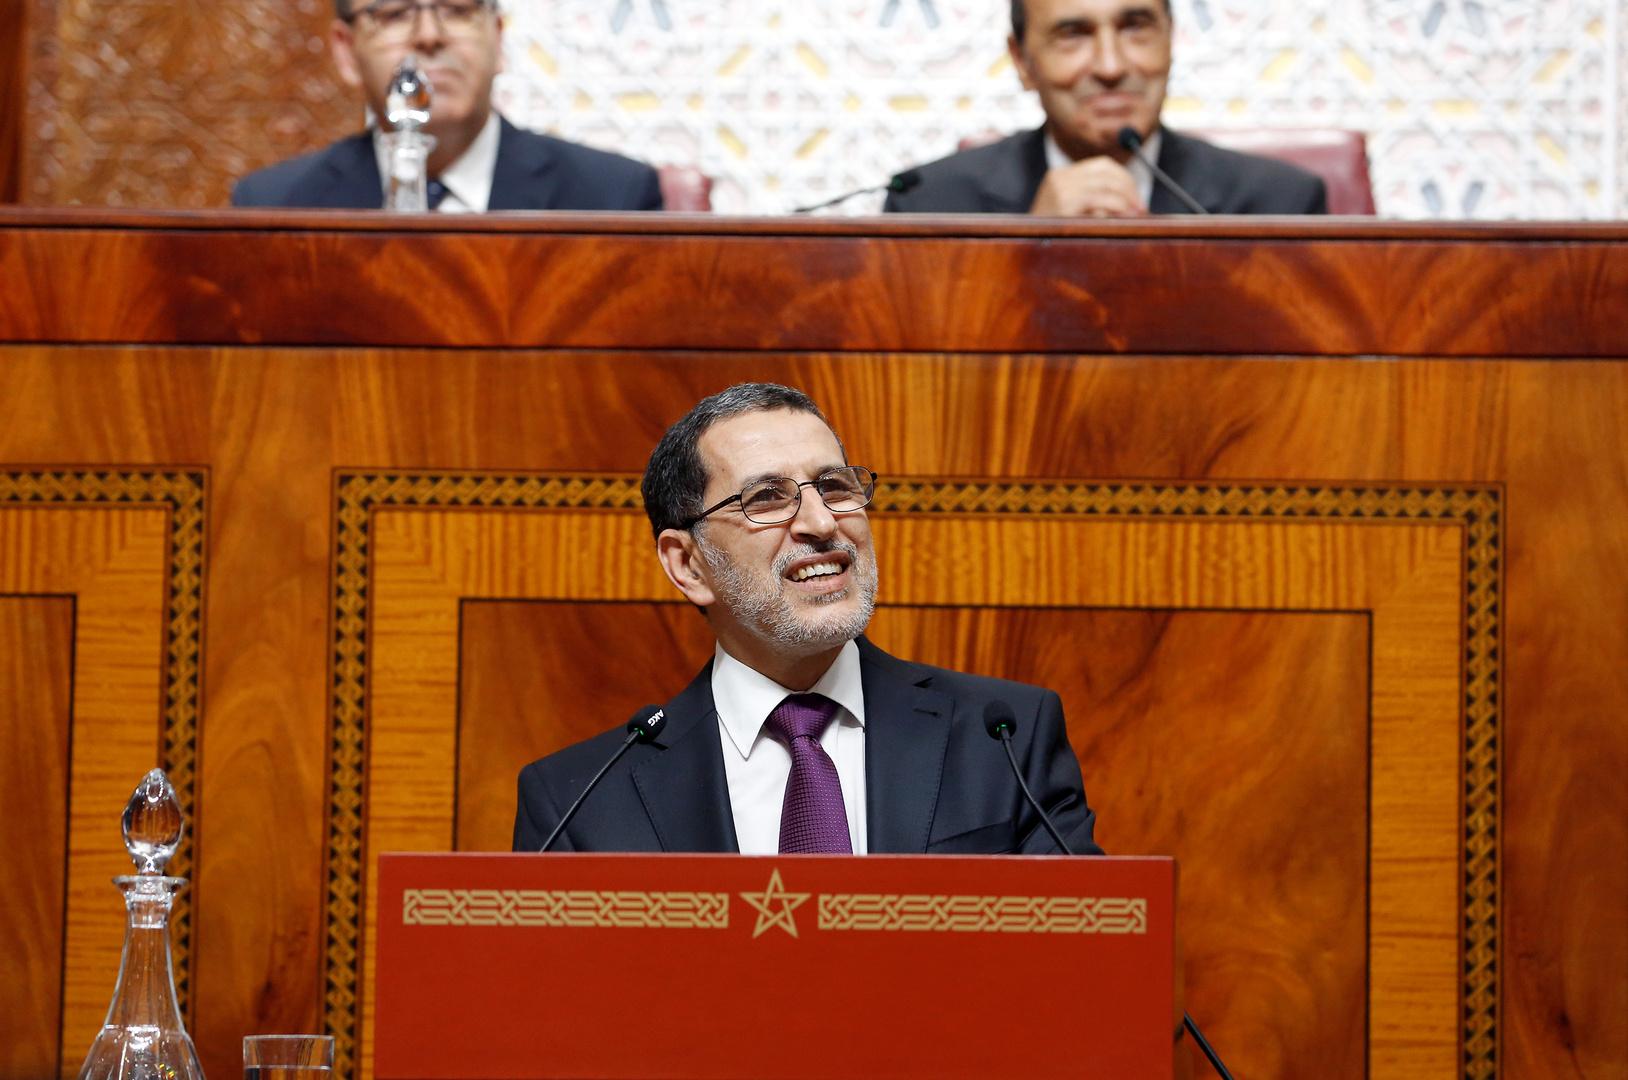 سفير جزائري سابق: المذكرة الشفوية تعبر عن موقف سياسي يلزم المغرب